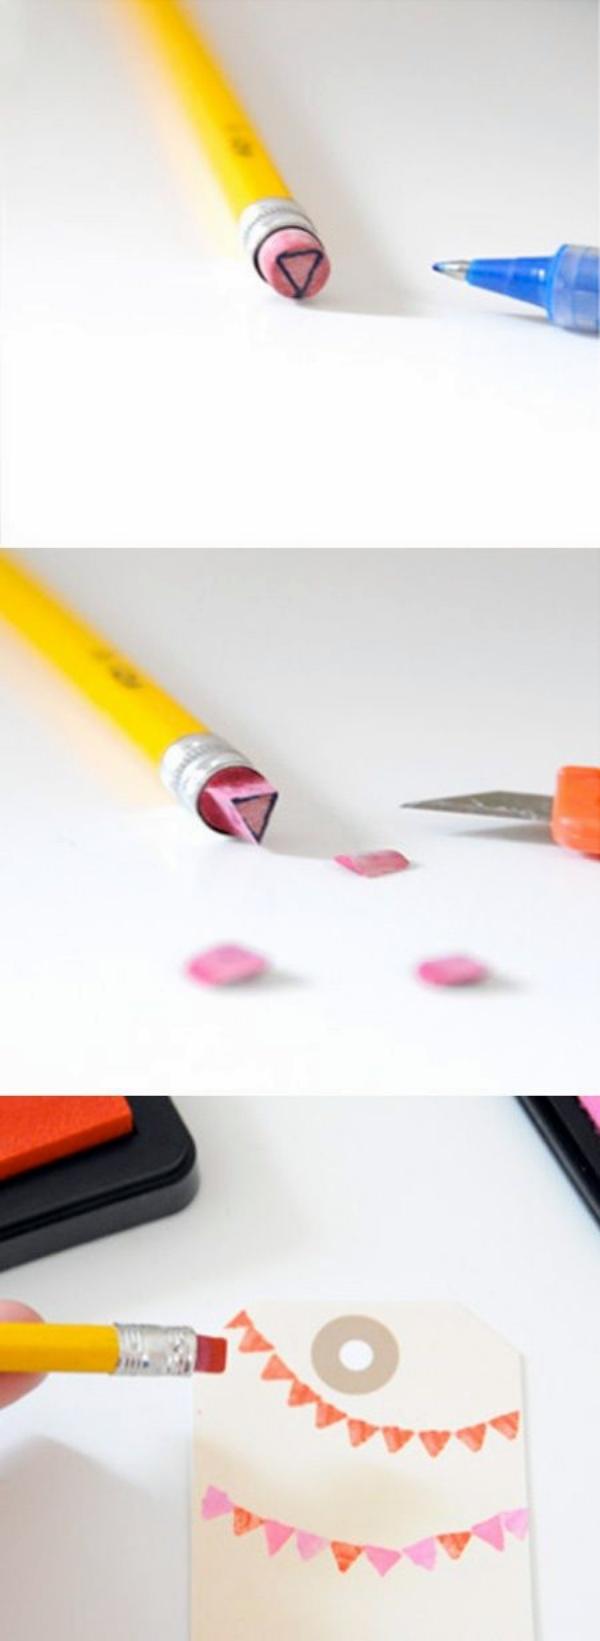 DIY Geometric Craft And Décor Ideas